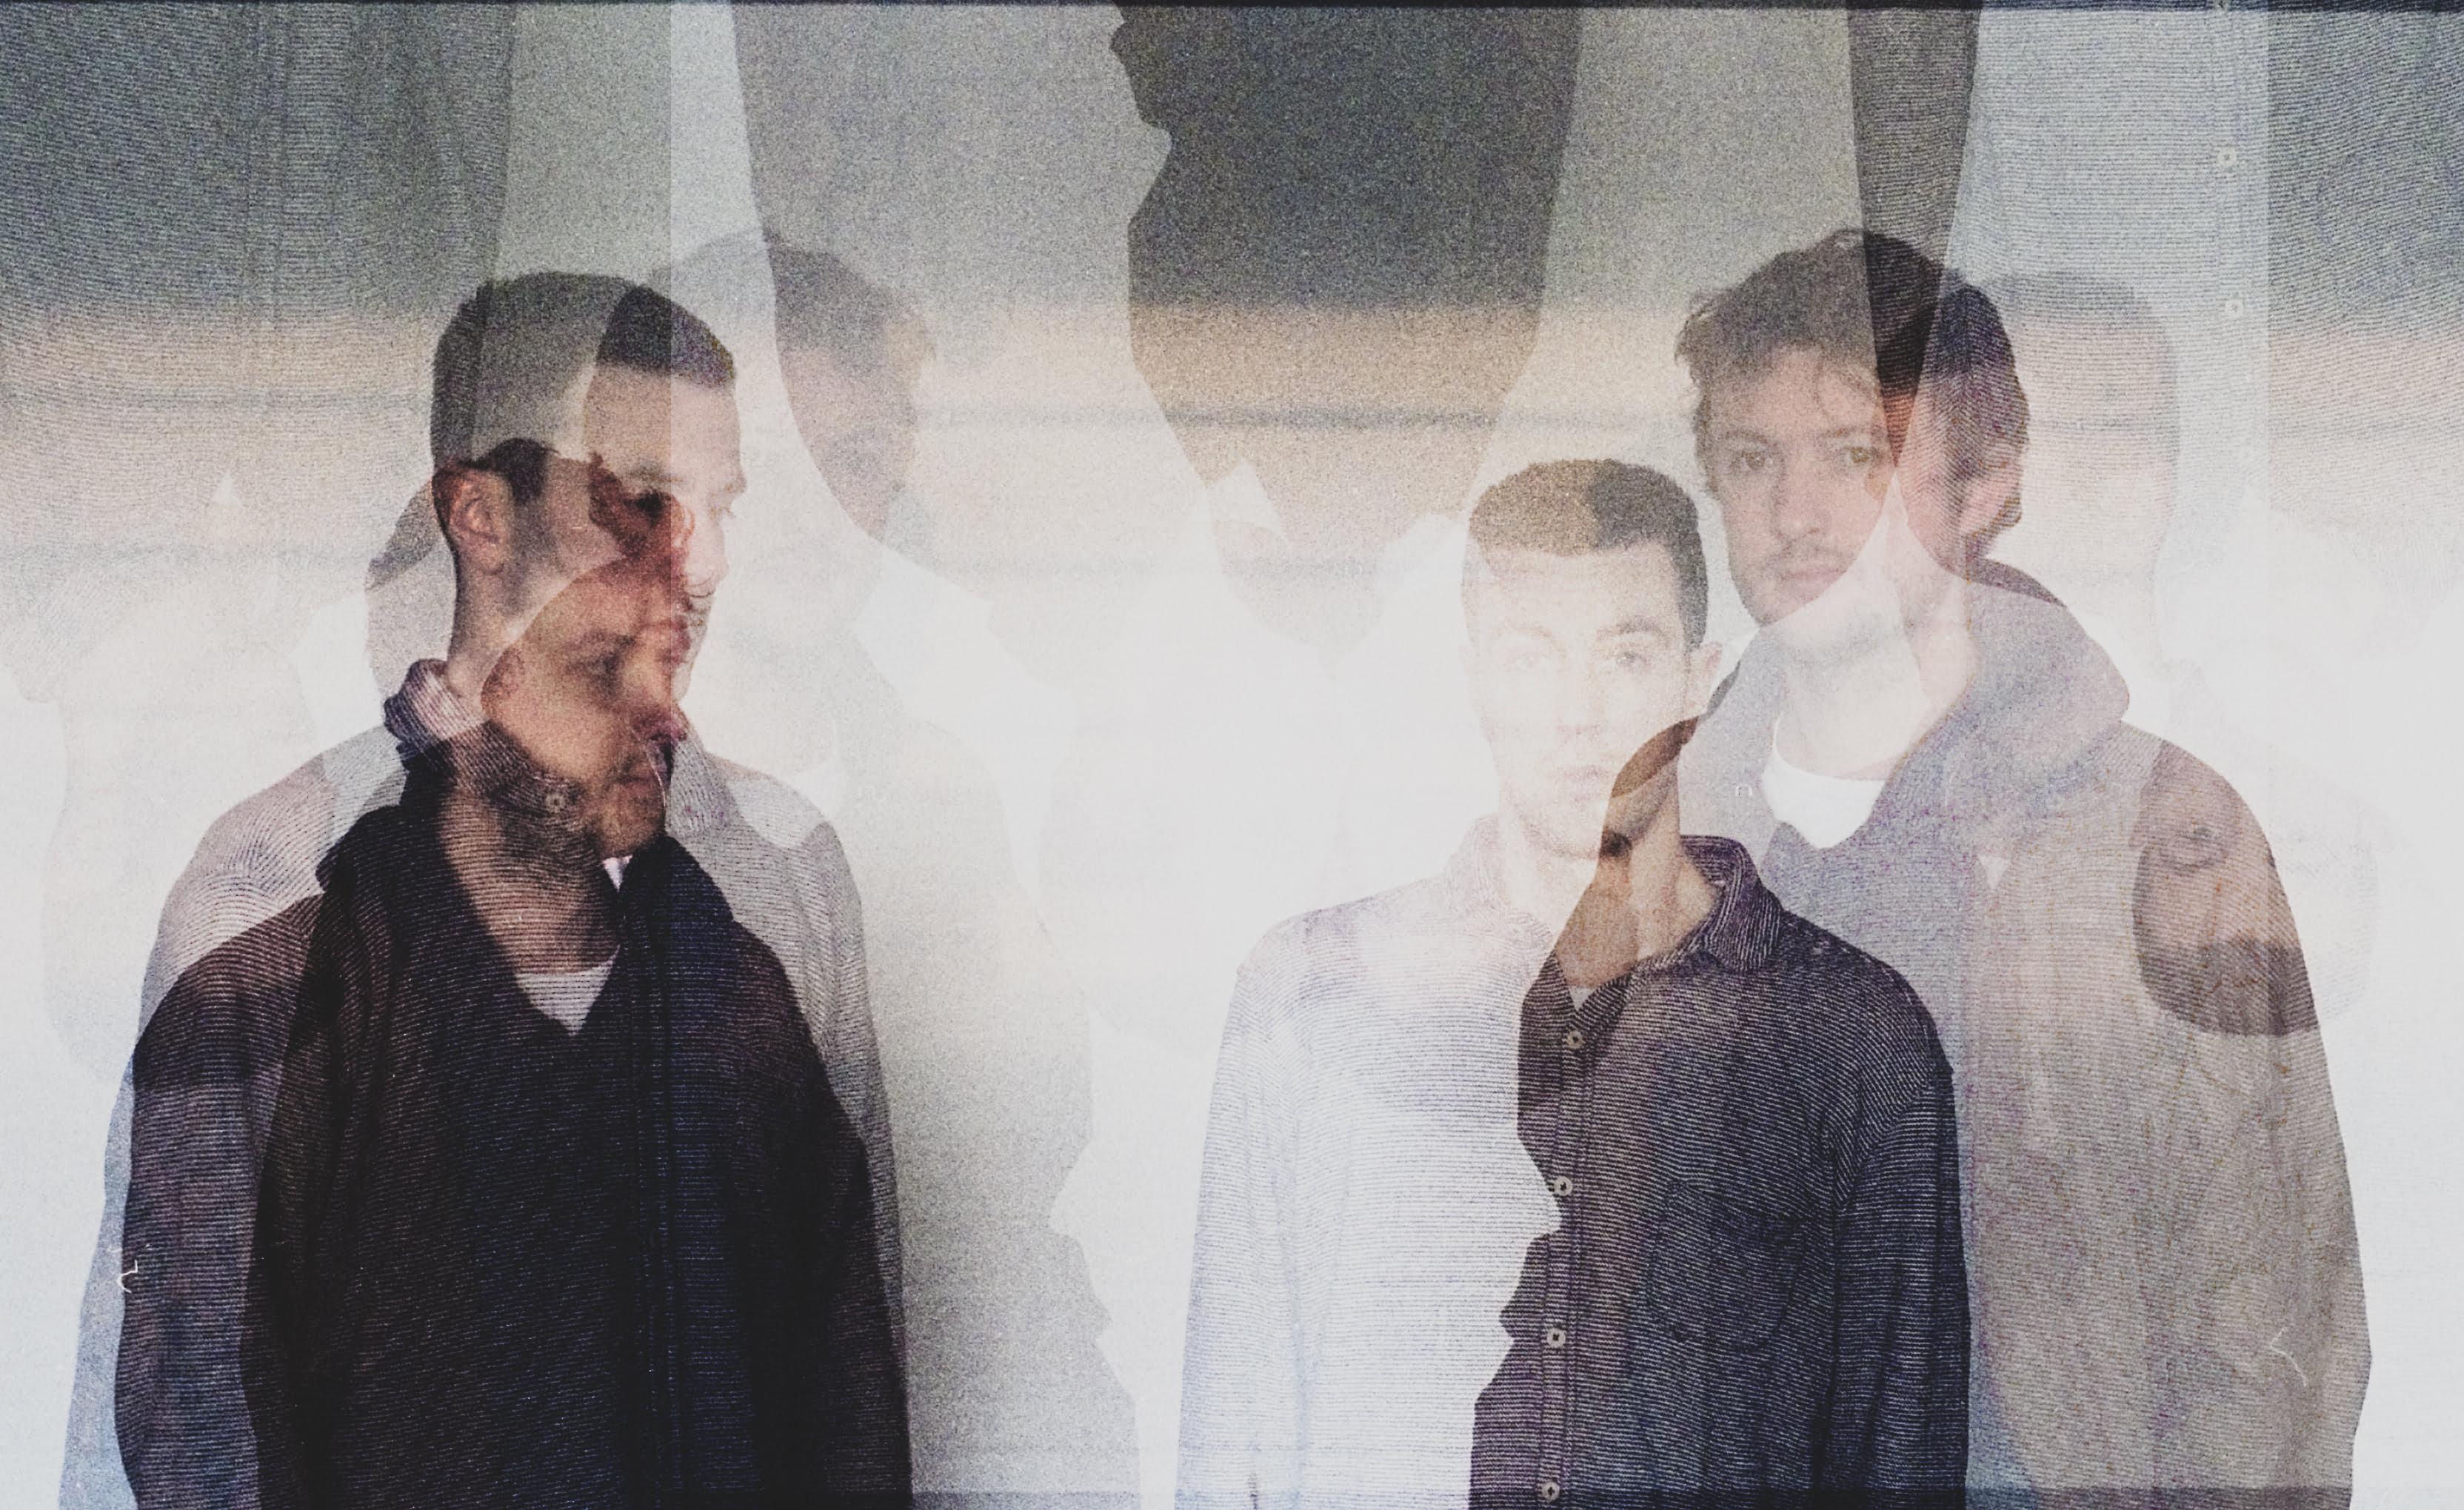 Portico Quartet image credit Duncan Bellamy